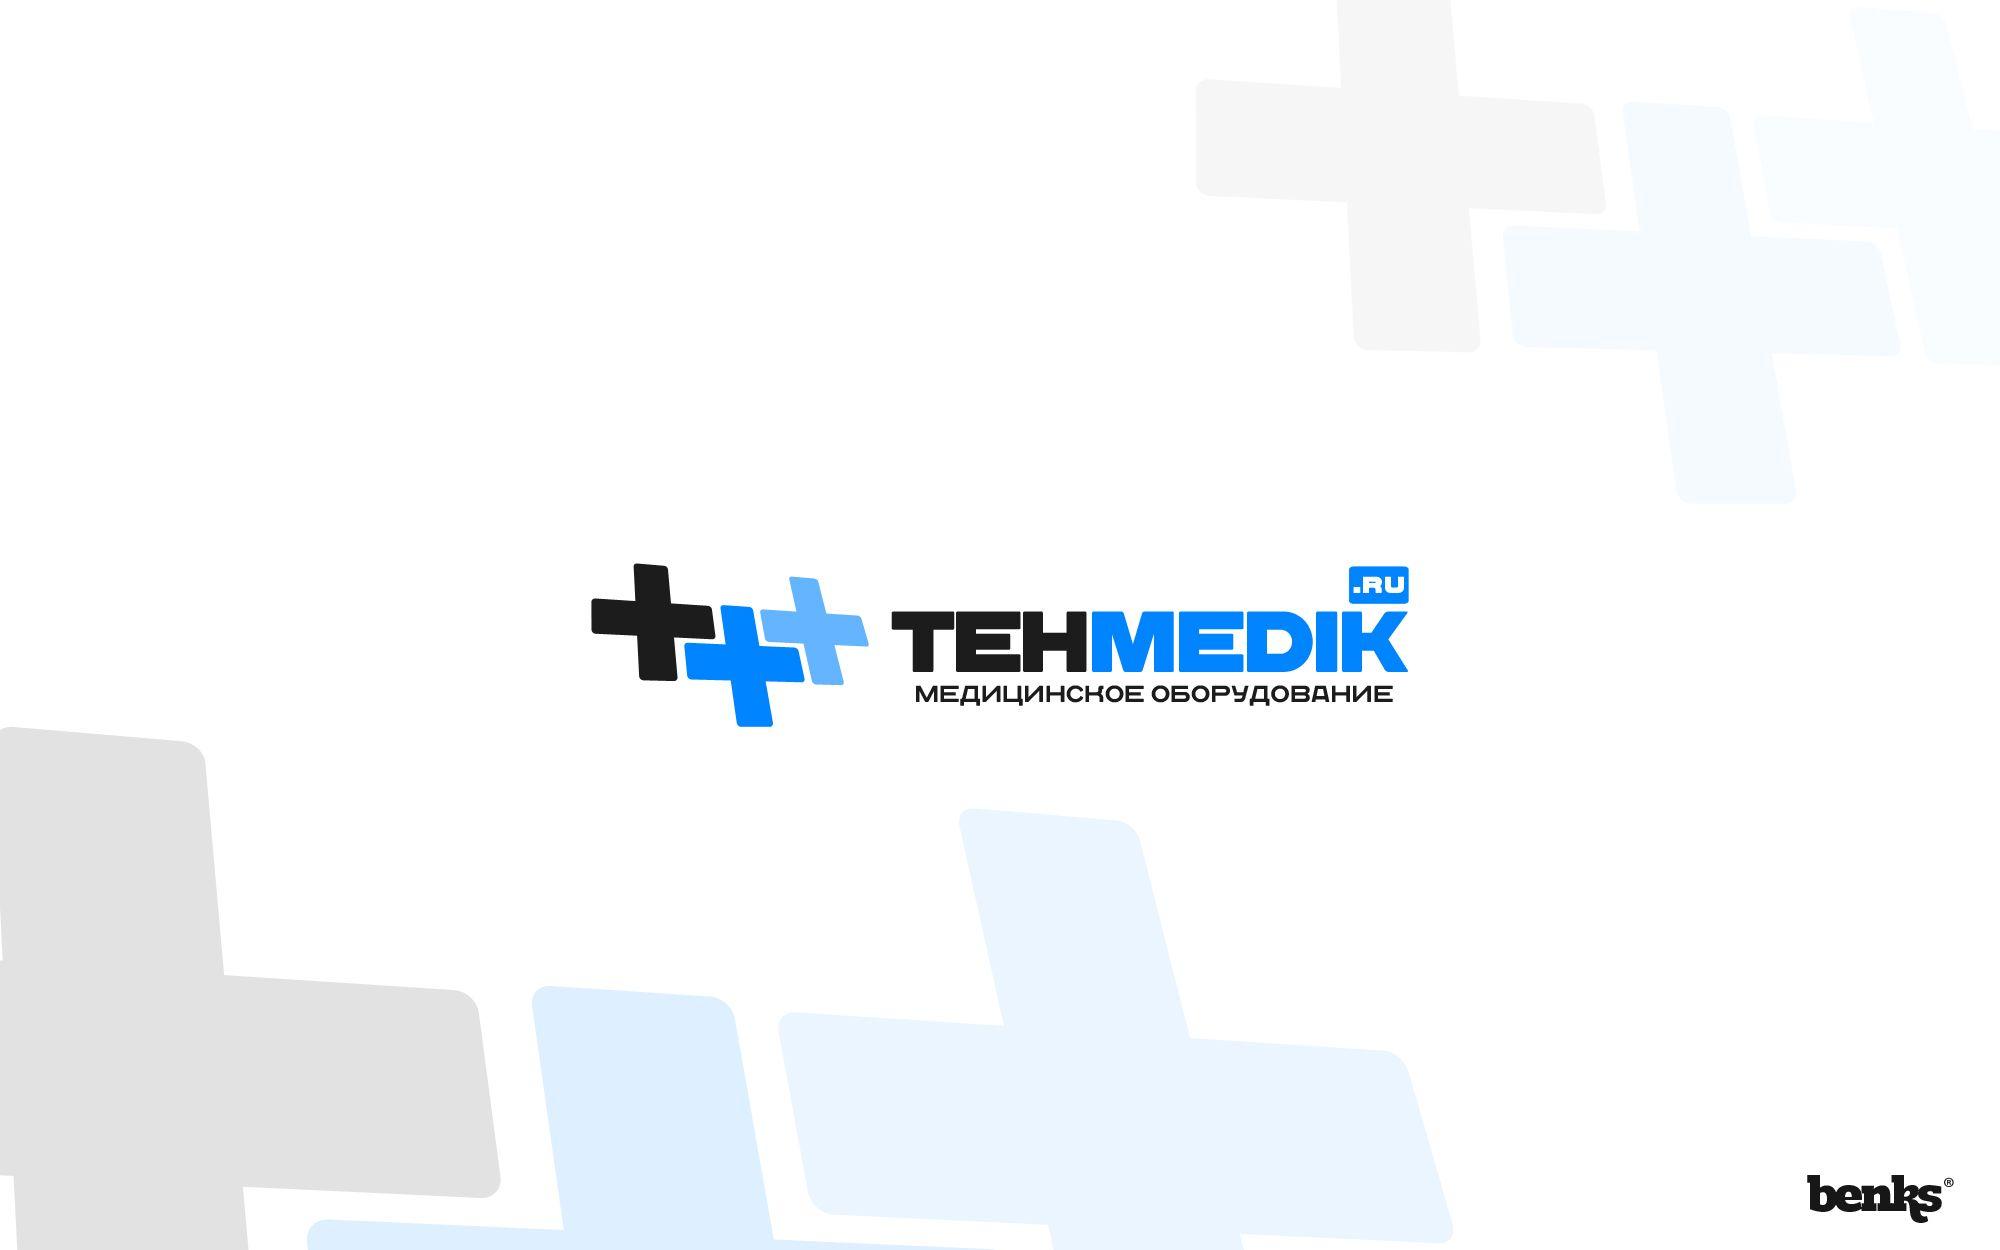 Логотип для интернет-магазина медтехники - дизайнер benks